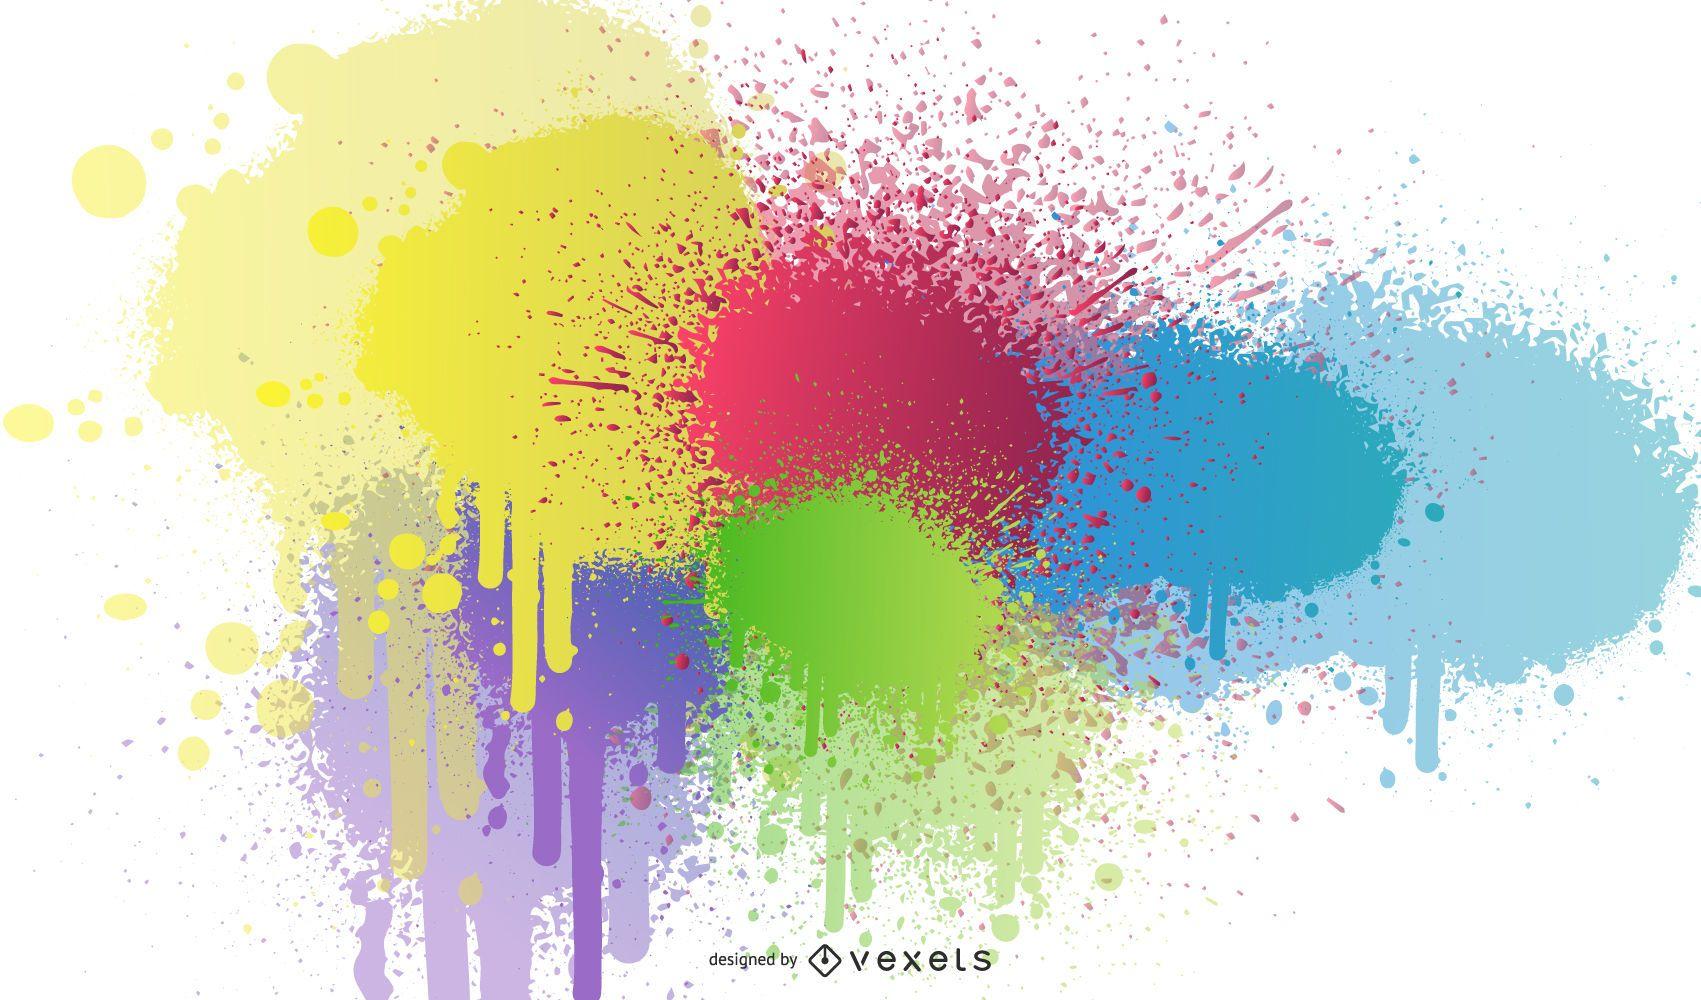 Diseño de salpicaduras de pintura